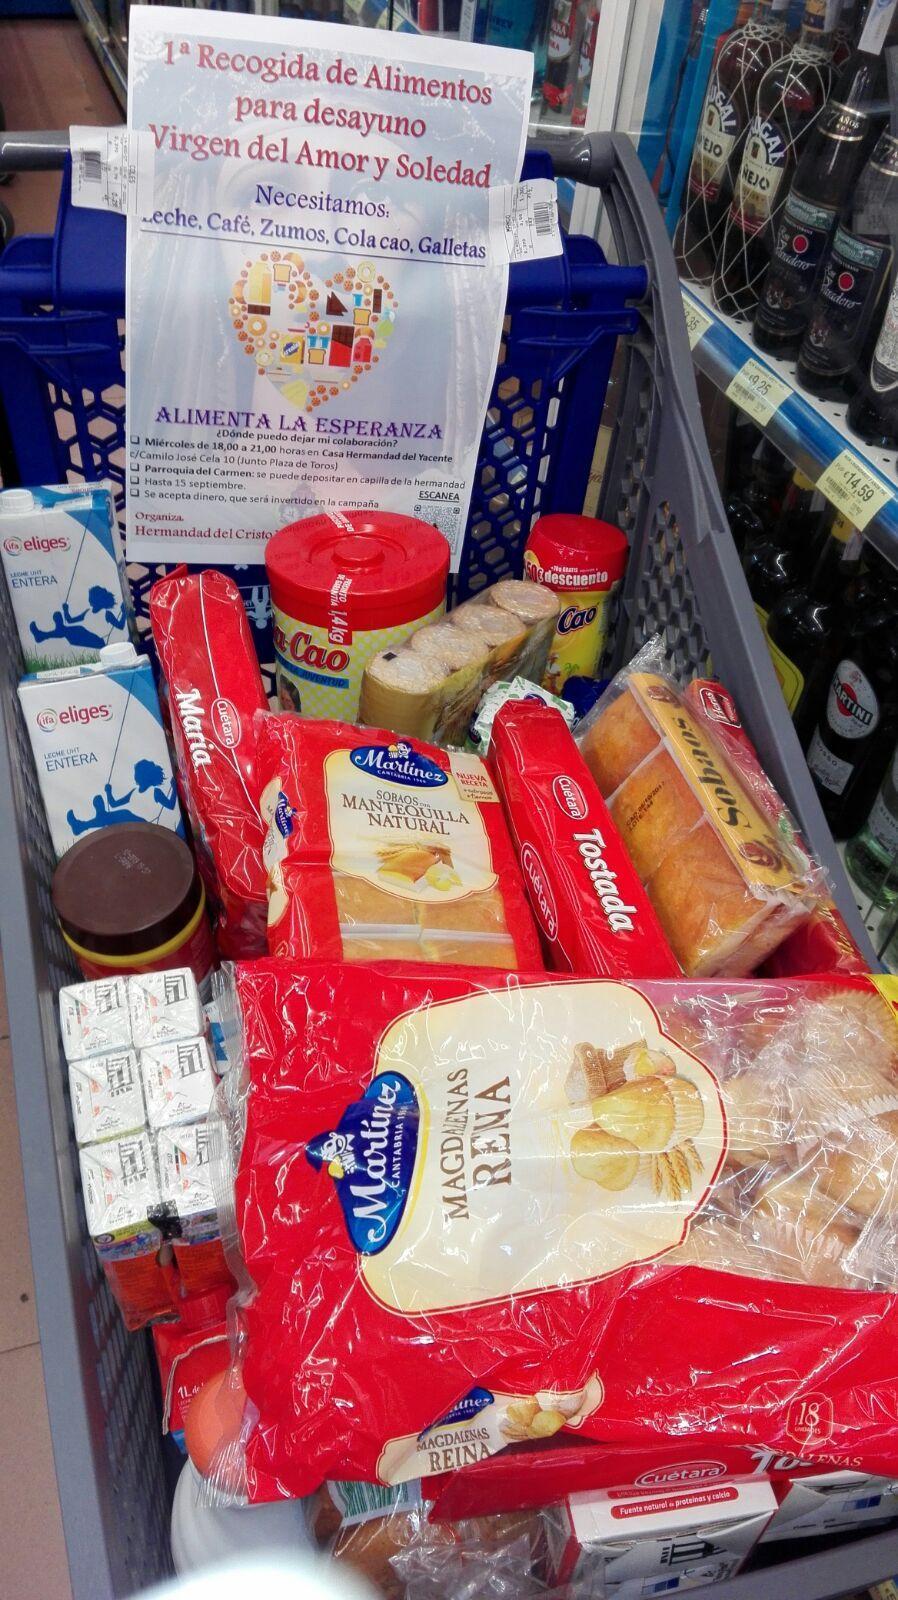 Recogida de alimentos en supermercado